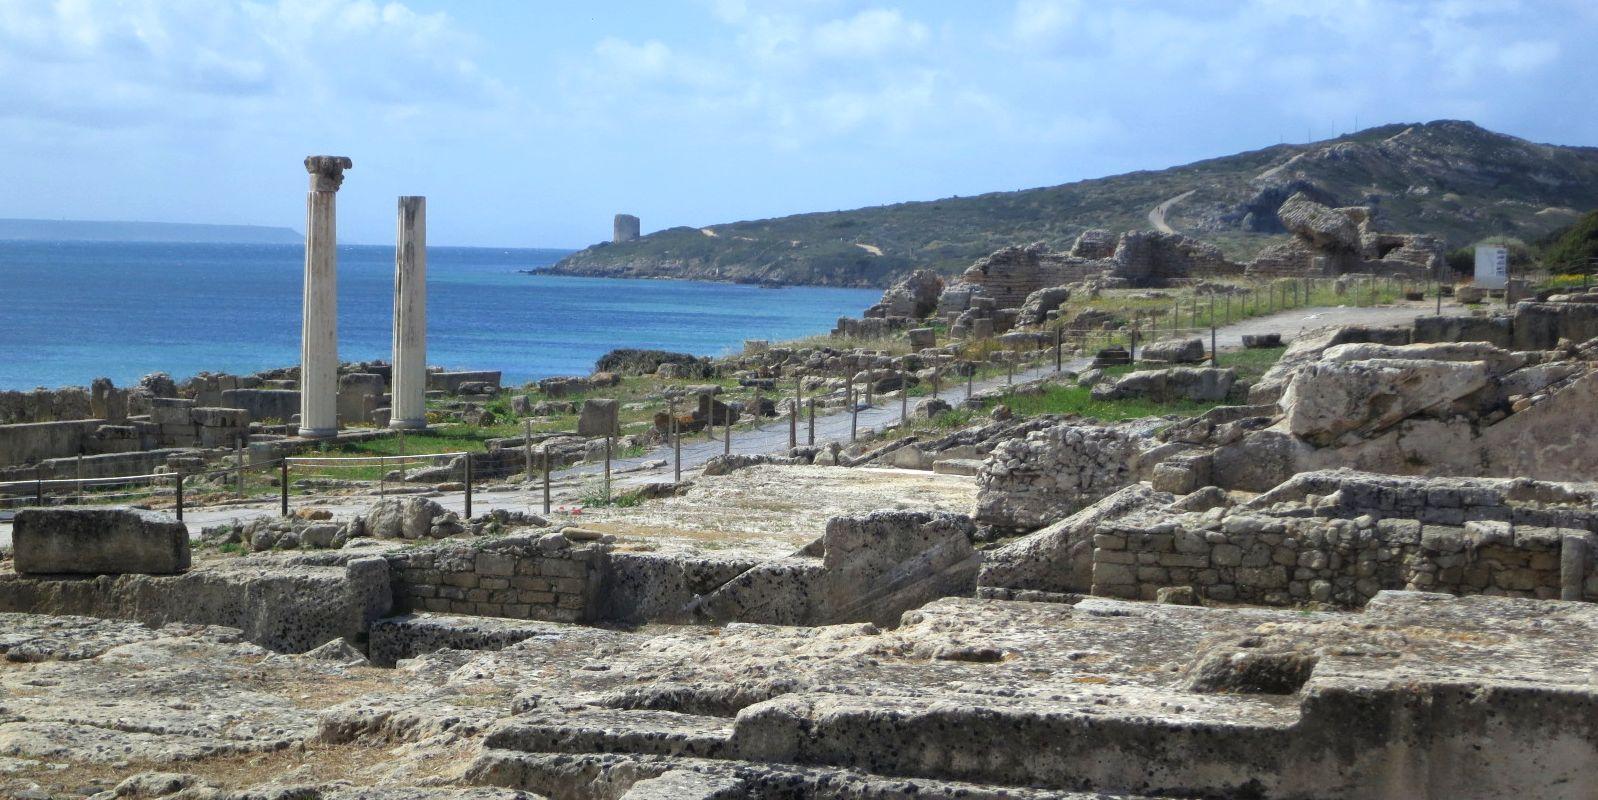 tharros roman site, sardinia